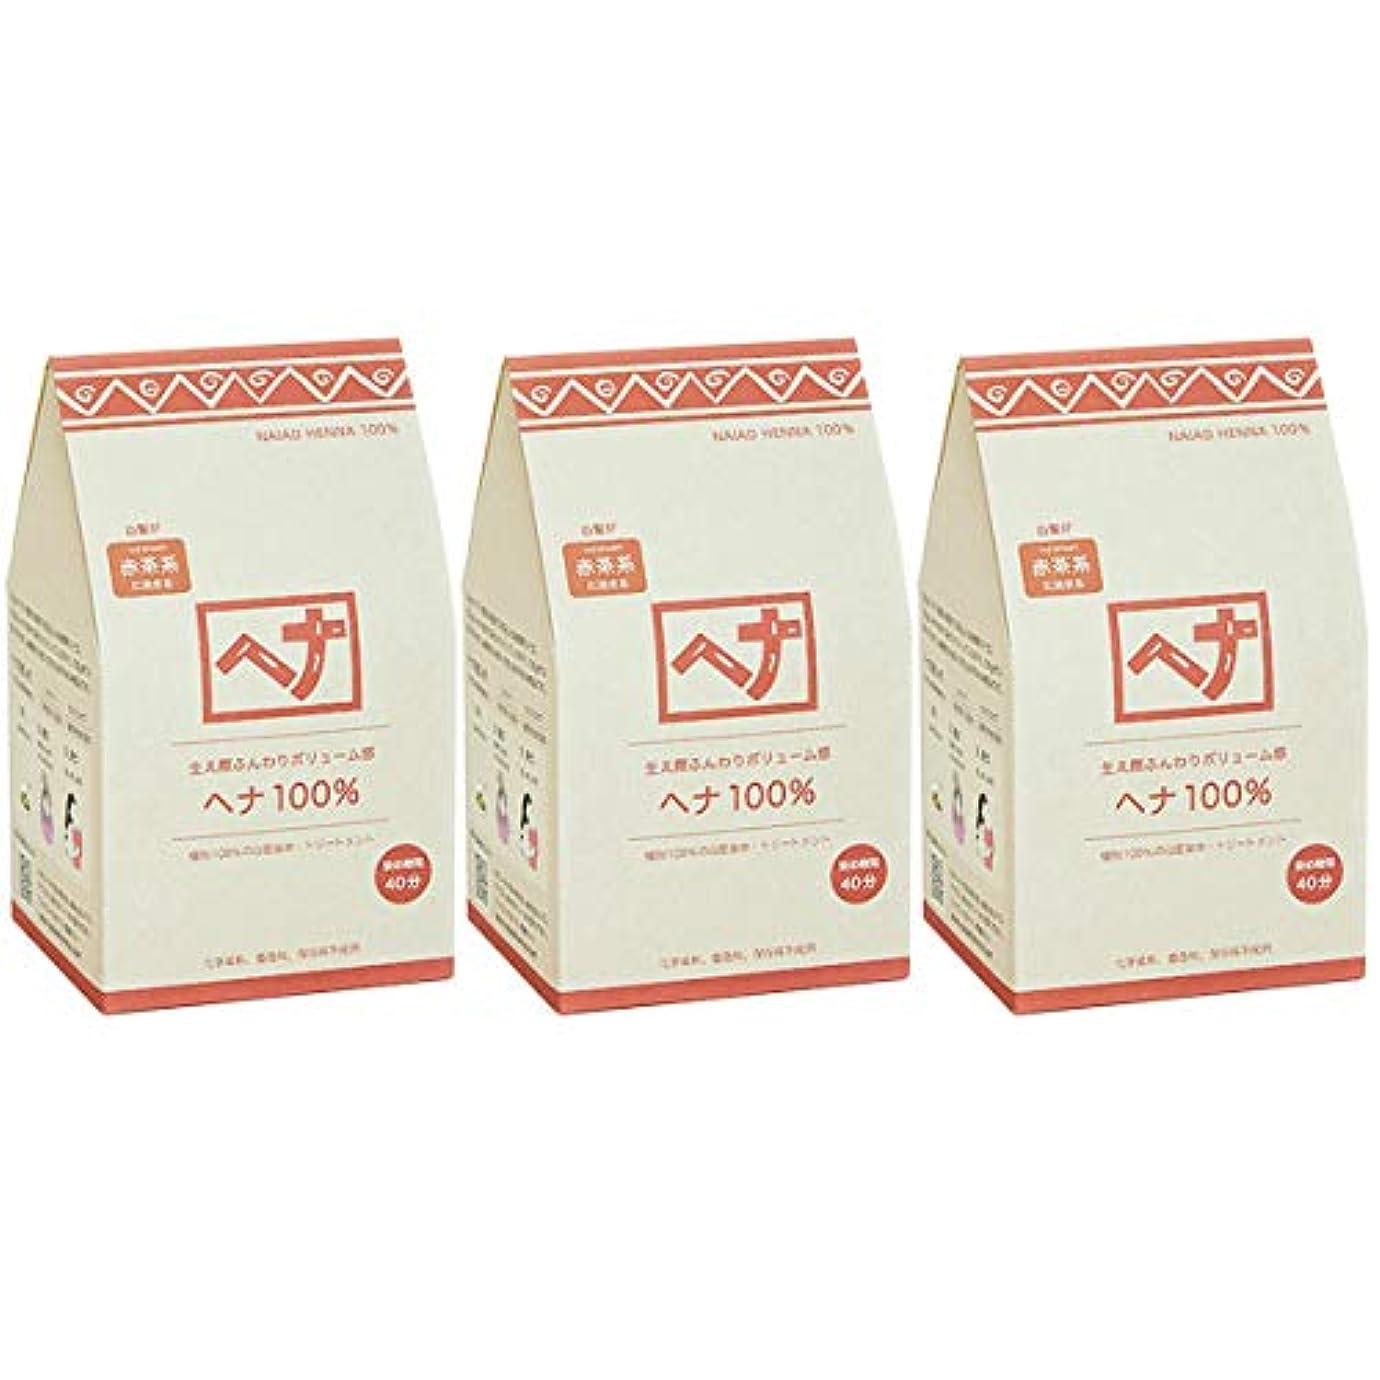 最初に愛撫分布ナイアード ヘナ 100% 赤茶系 生え際ふんわりボリューム感 400g 3個セット